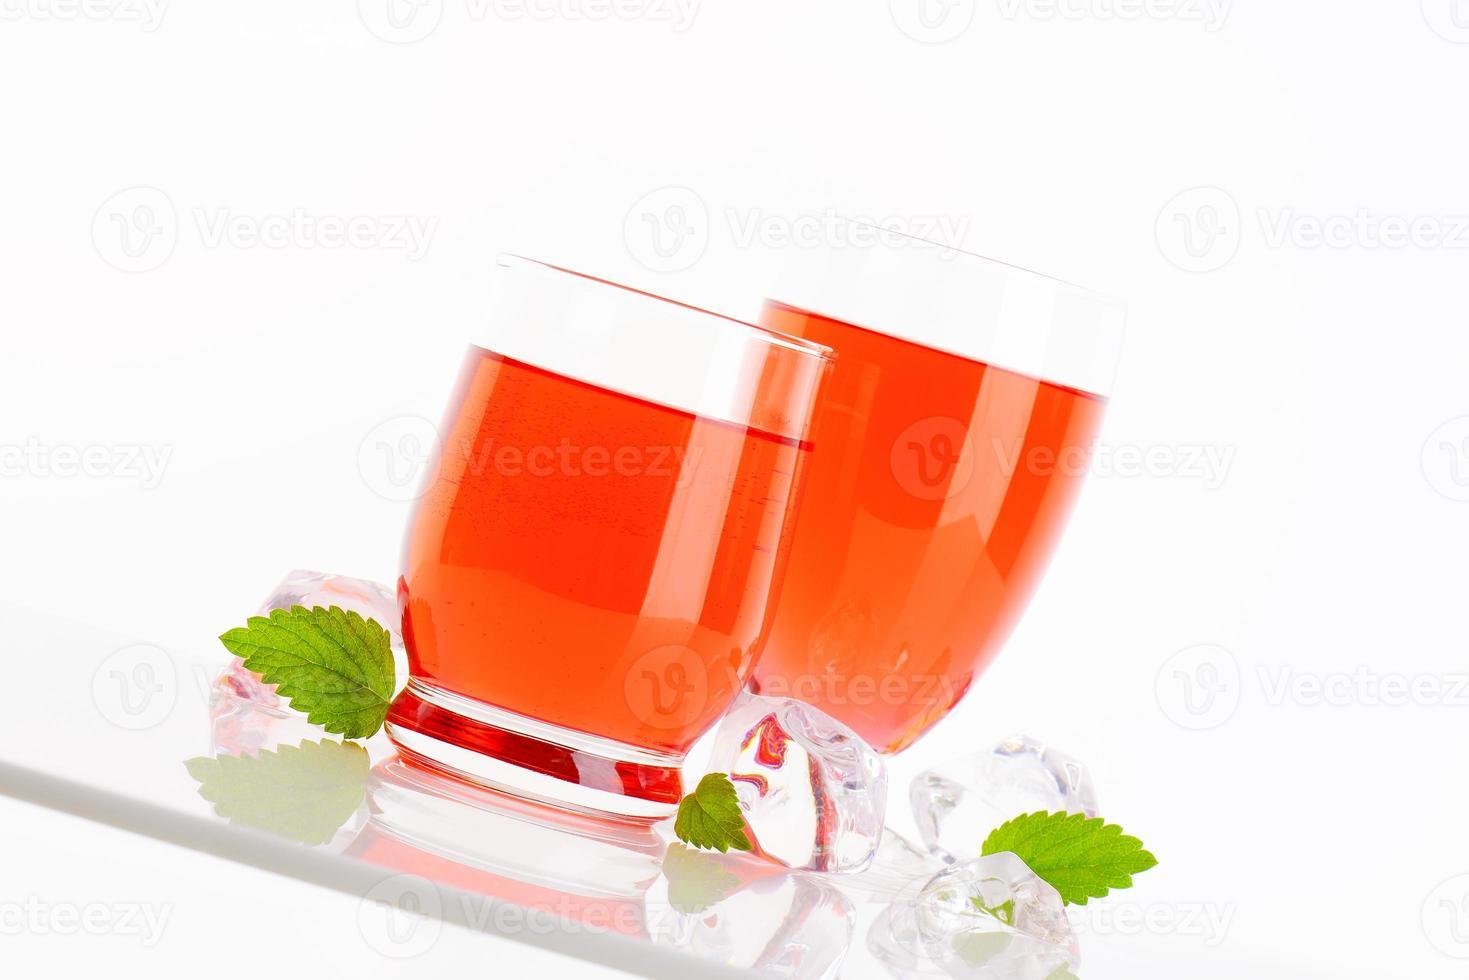 verres de boissons aromatisées aux fruits photo